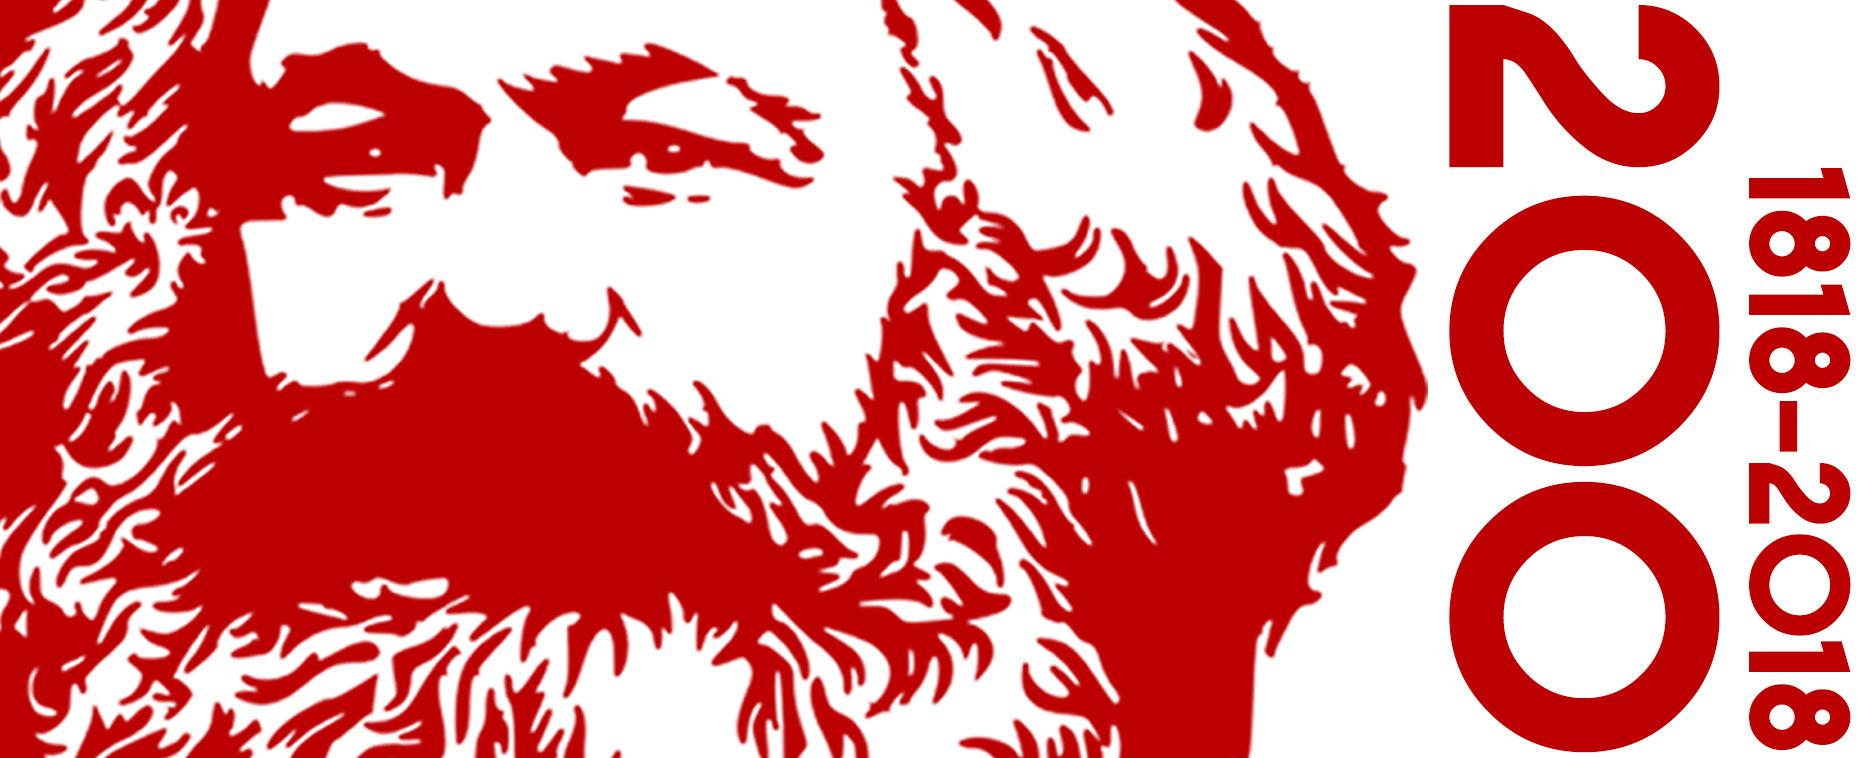 03d04a5f465 Peu de penseurs ont autant influencé l histoire que lui. Sa critique aiguë  et radicale du capitalisme est aujourd hui toujours actuelle   crises  économiques ...